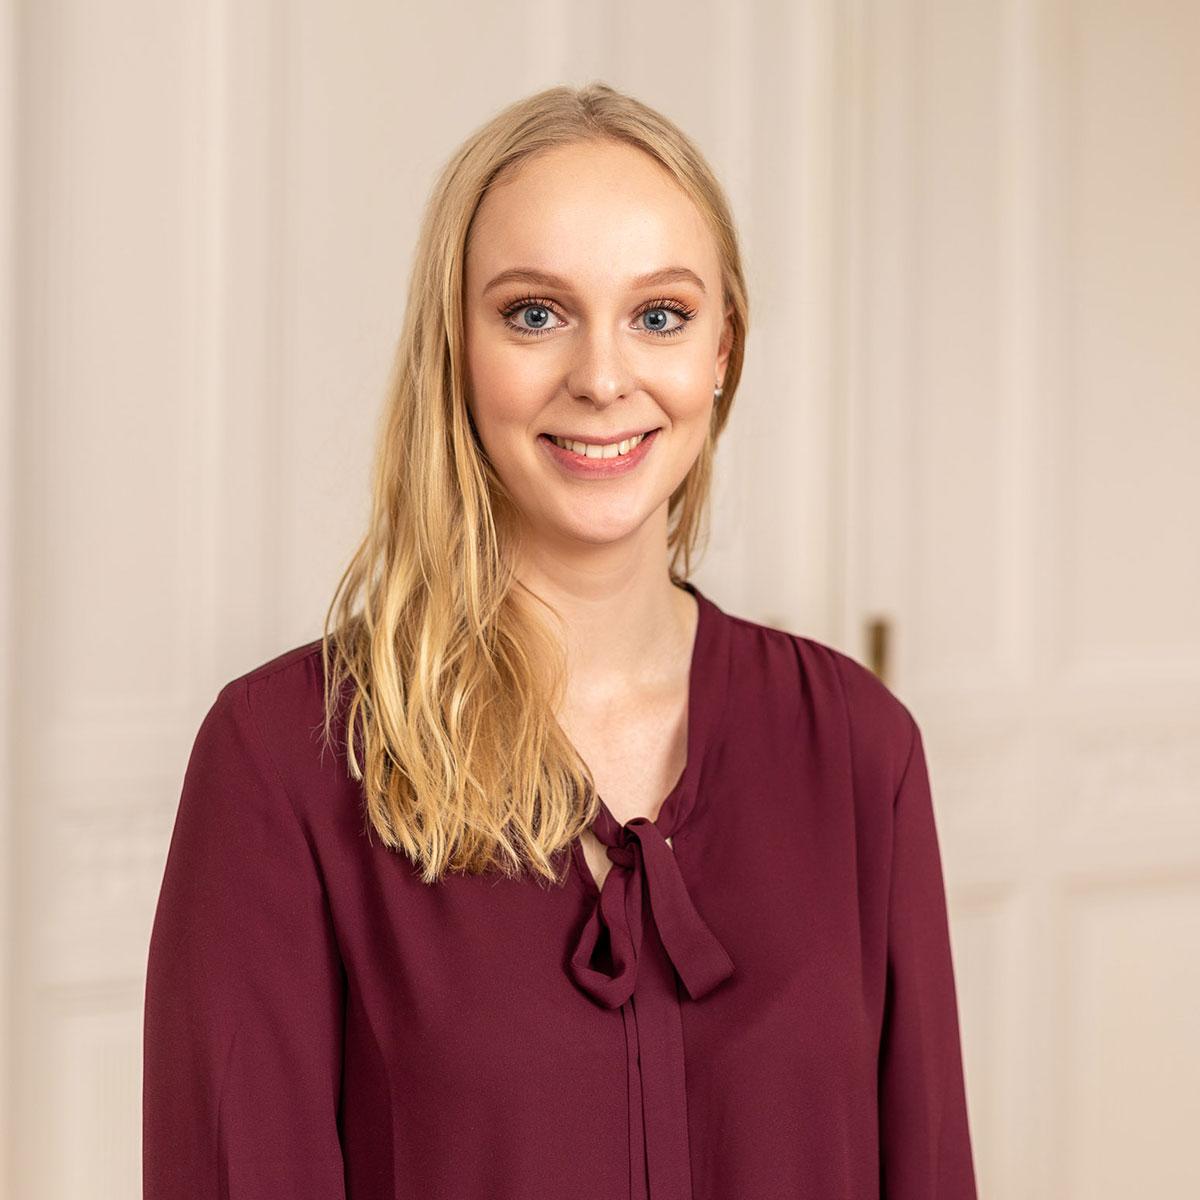 Sophie Steinhausen